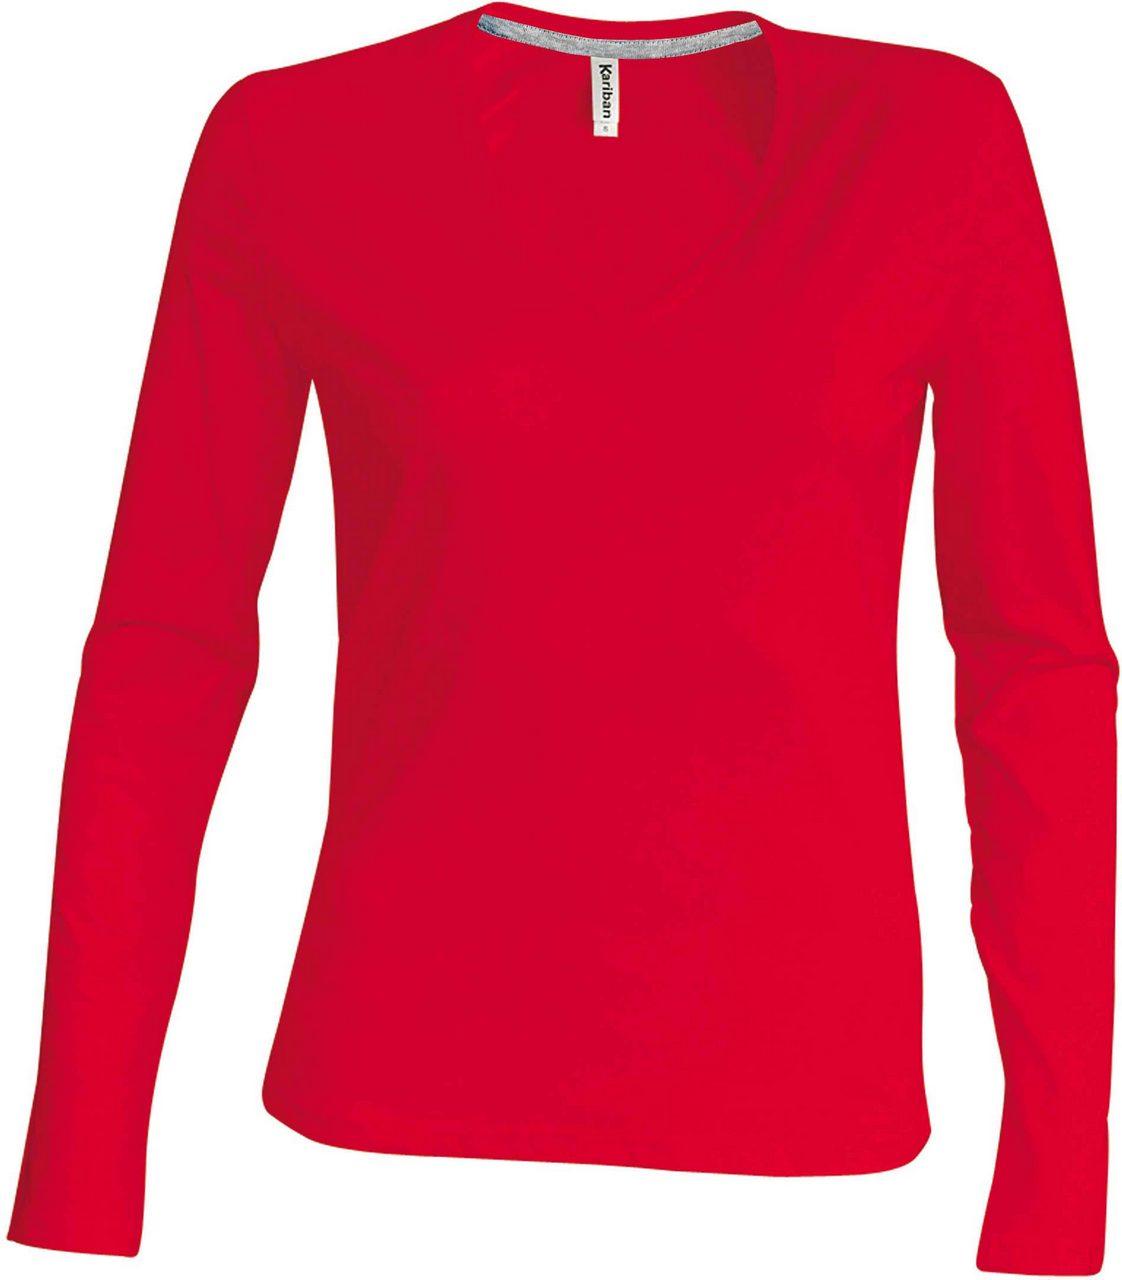 Levně Dámské tričko do V s dlouhým rukávem Kariban Barva: Red, Velikost: S